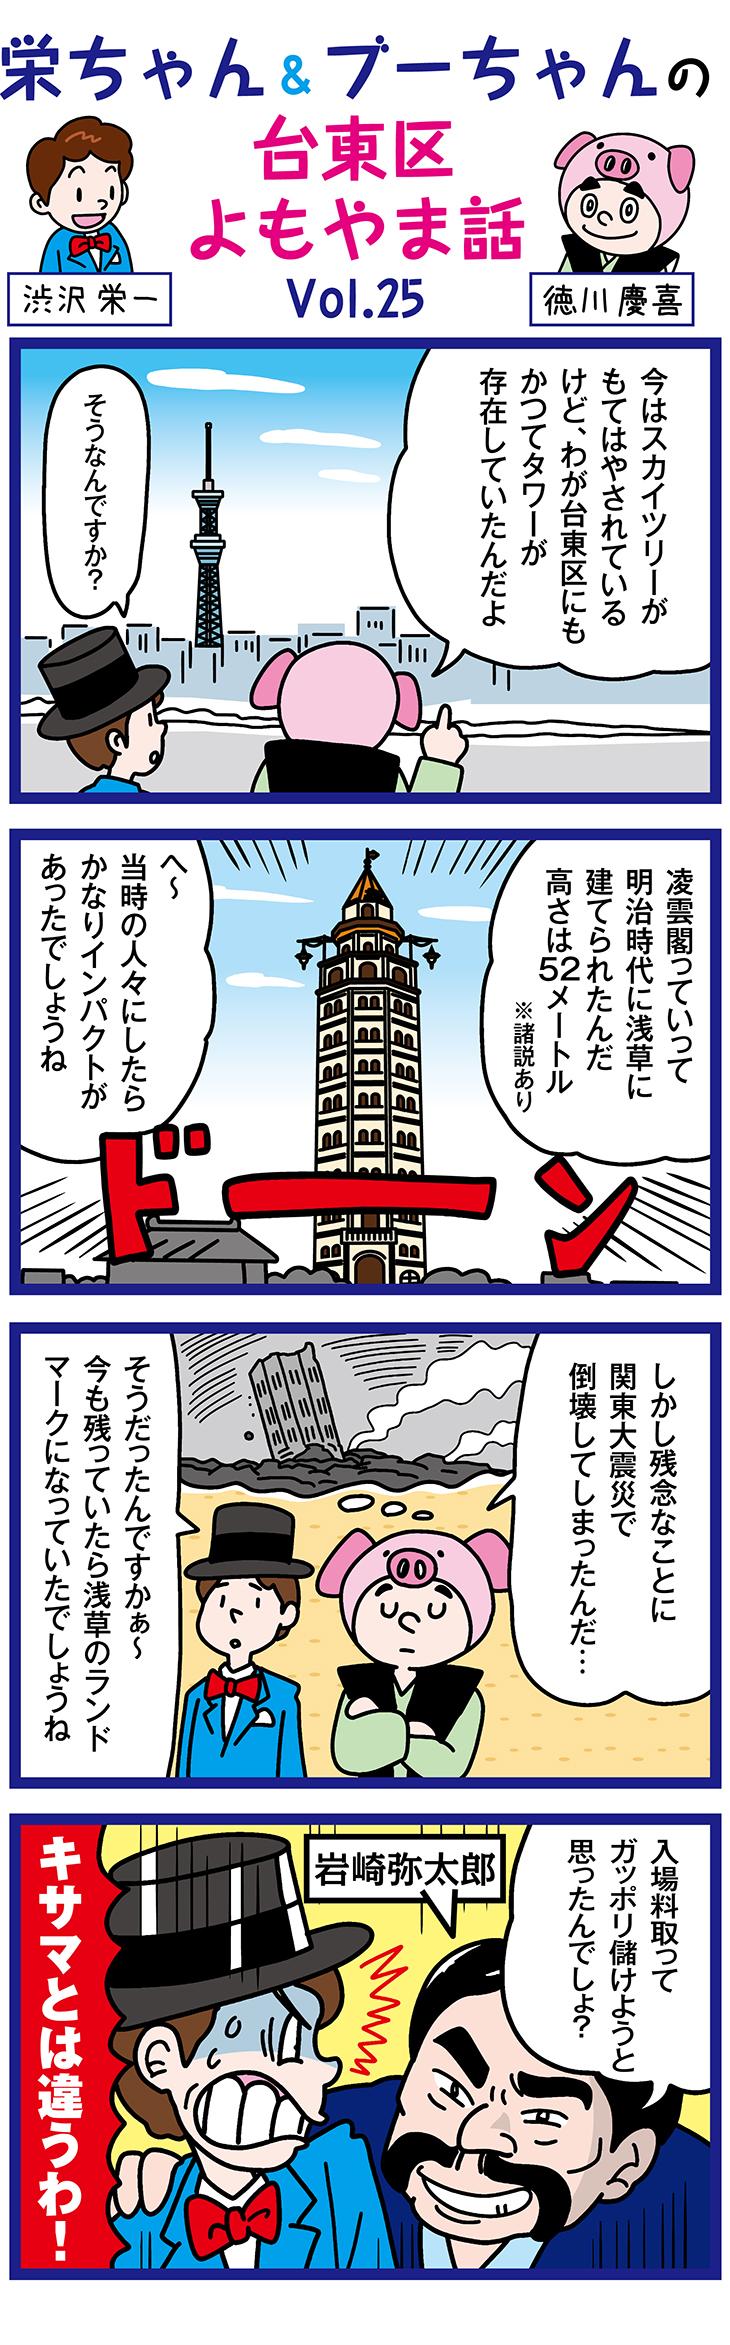 明治のランドマークタワー「凌雲閣」